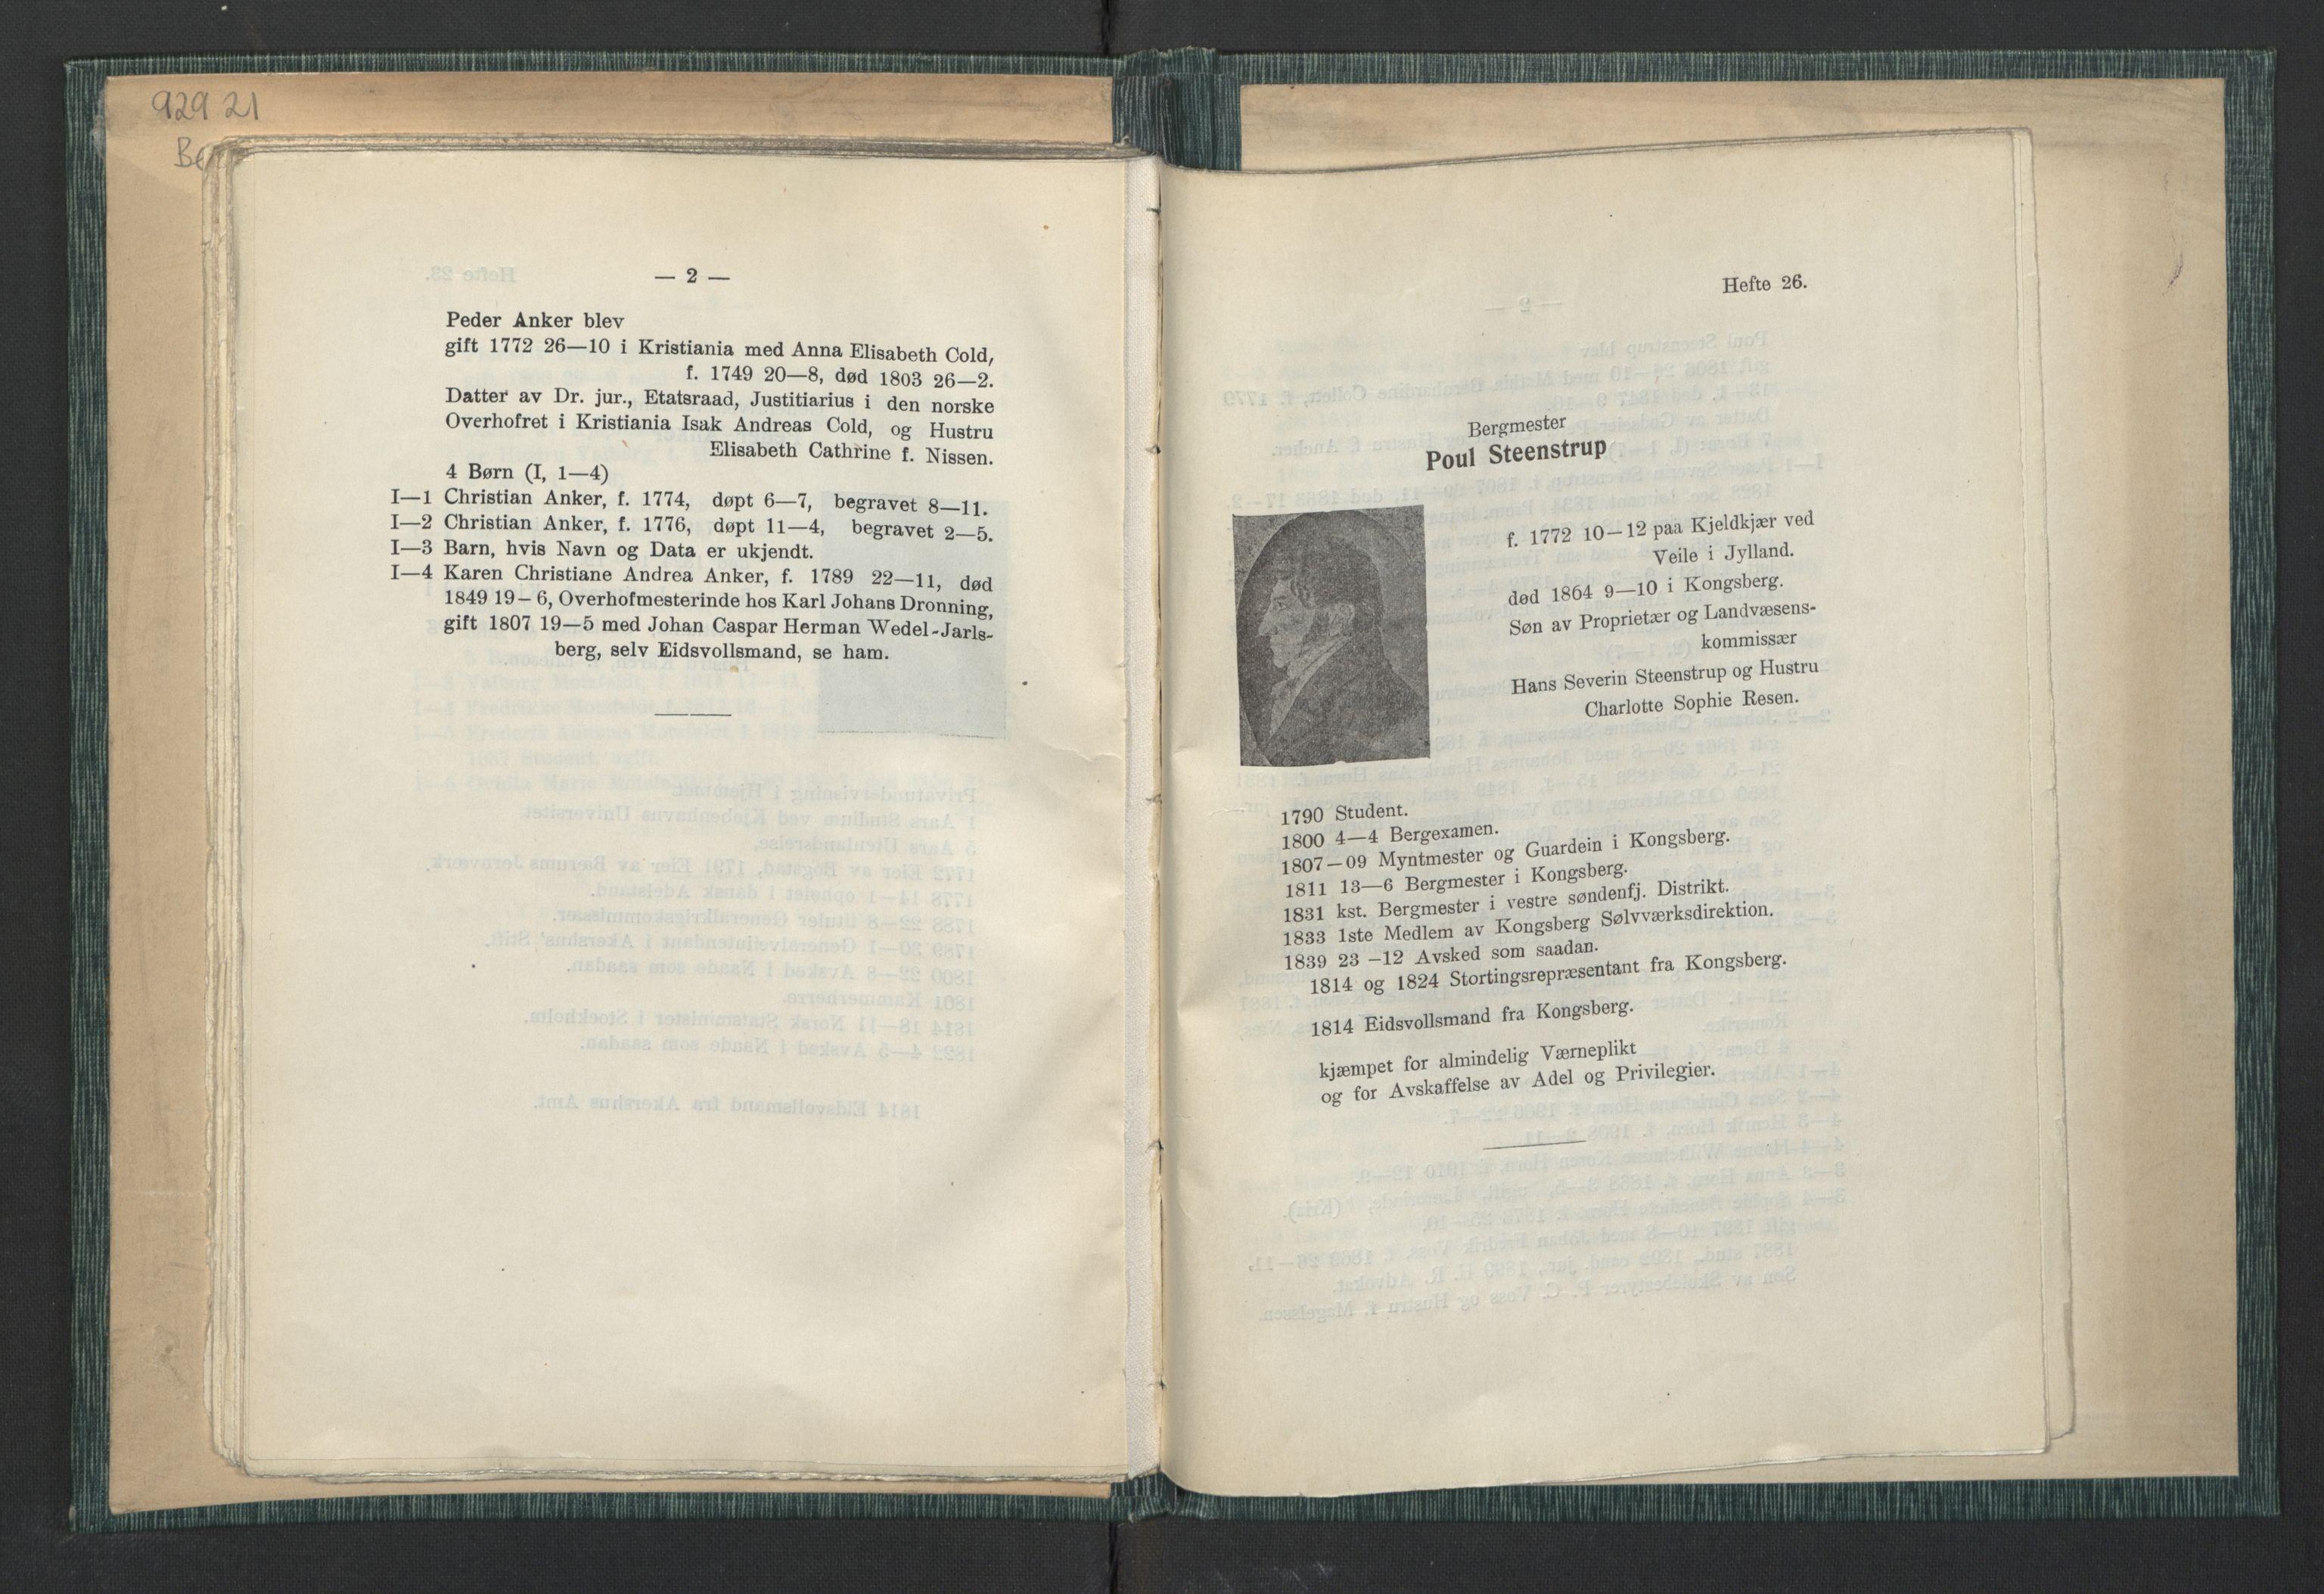 RA, Publikasjoner*, 1914, s. 65